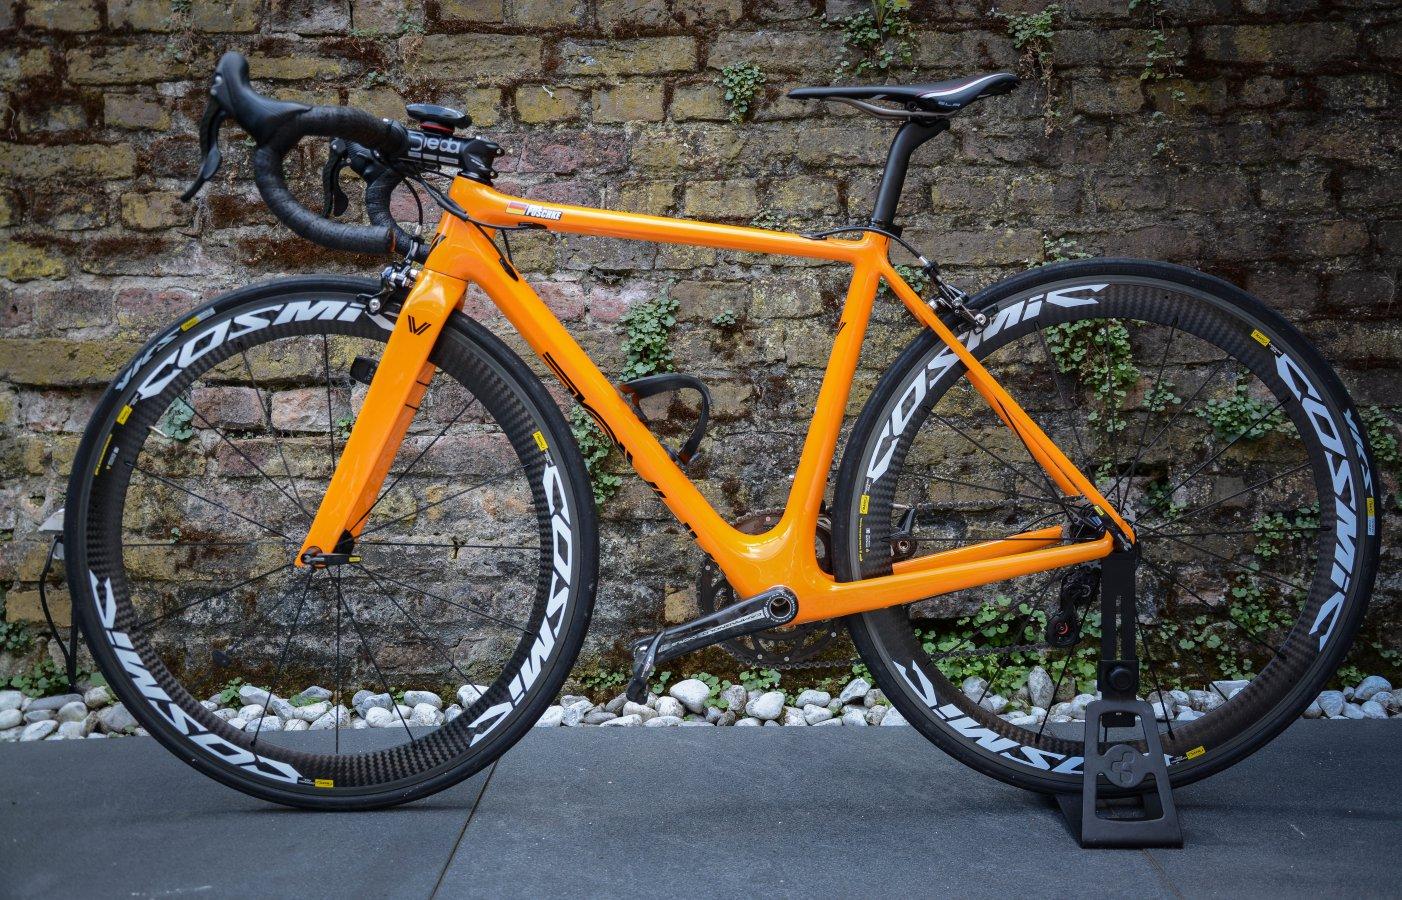 c1rxs ein kleines rennrad vpace bikes. Black Bedroom Furniture Sets. Home Design Ideas